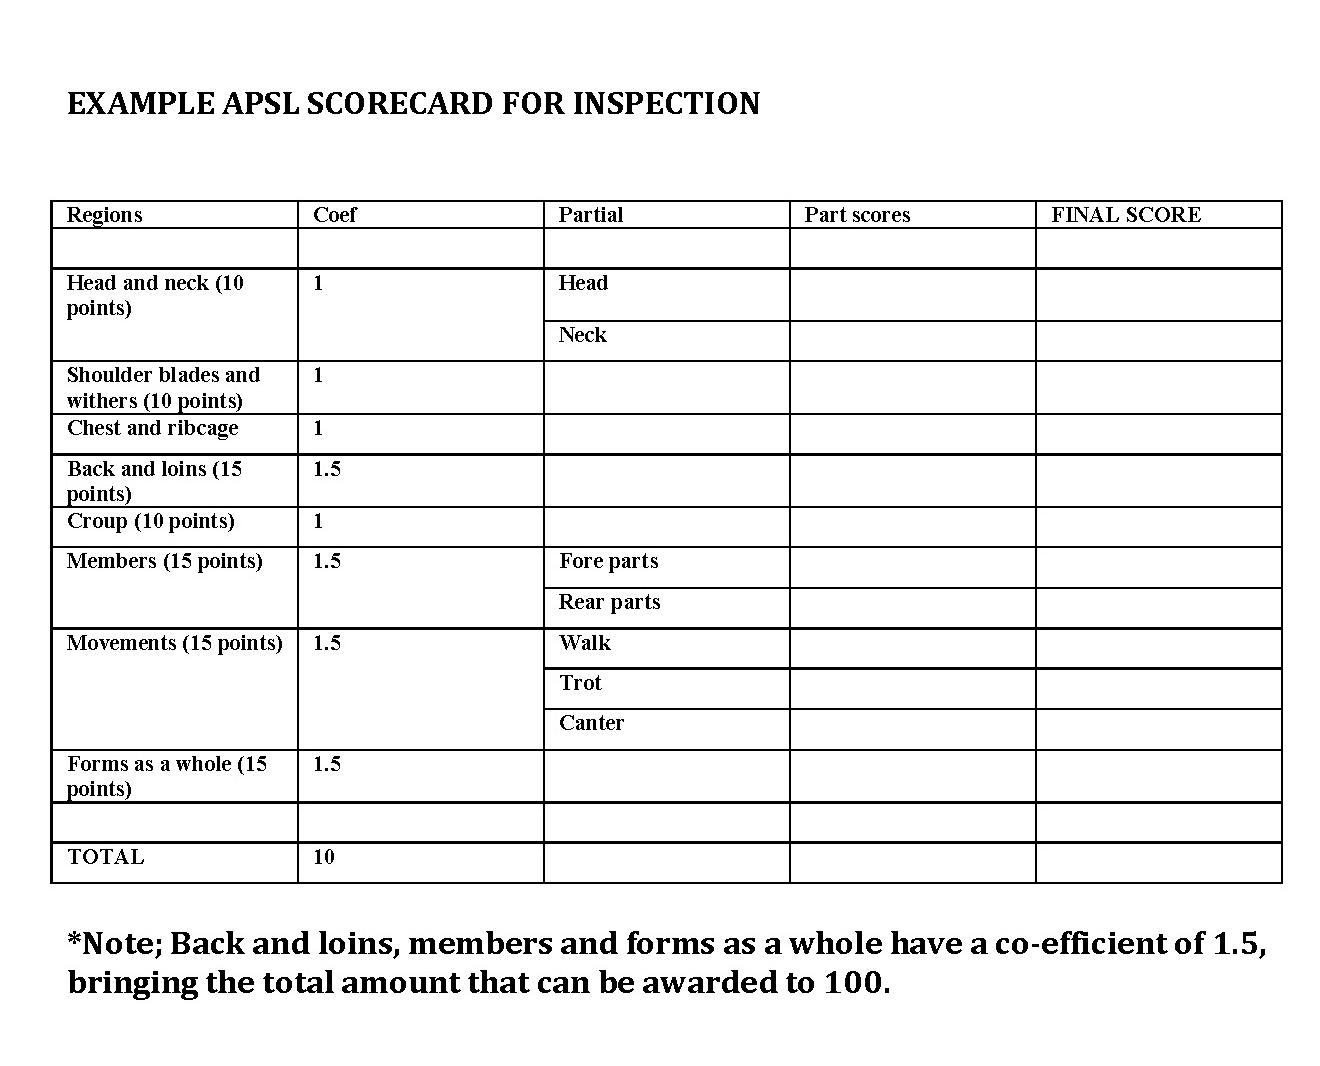 EXAMPLE APSL SCORECARD FOR INSPECTION.jpg